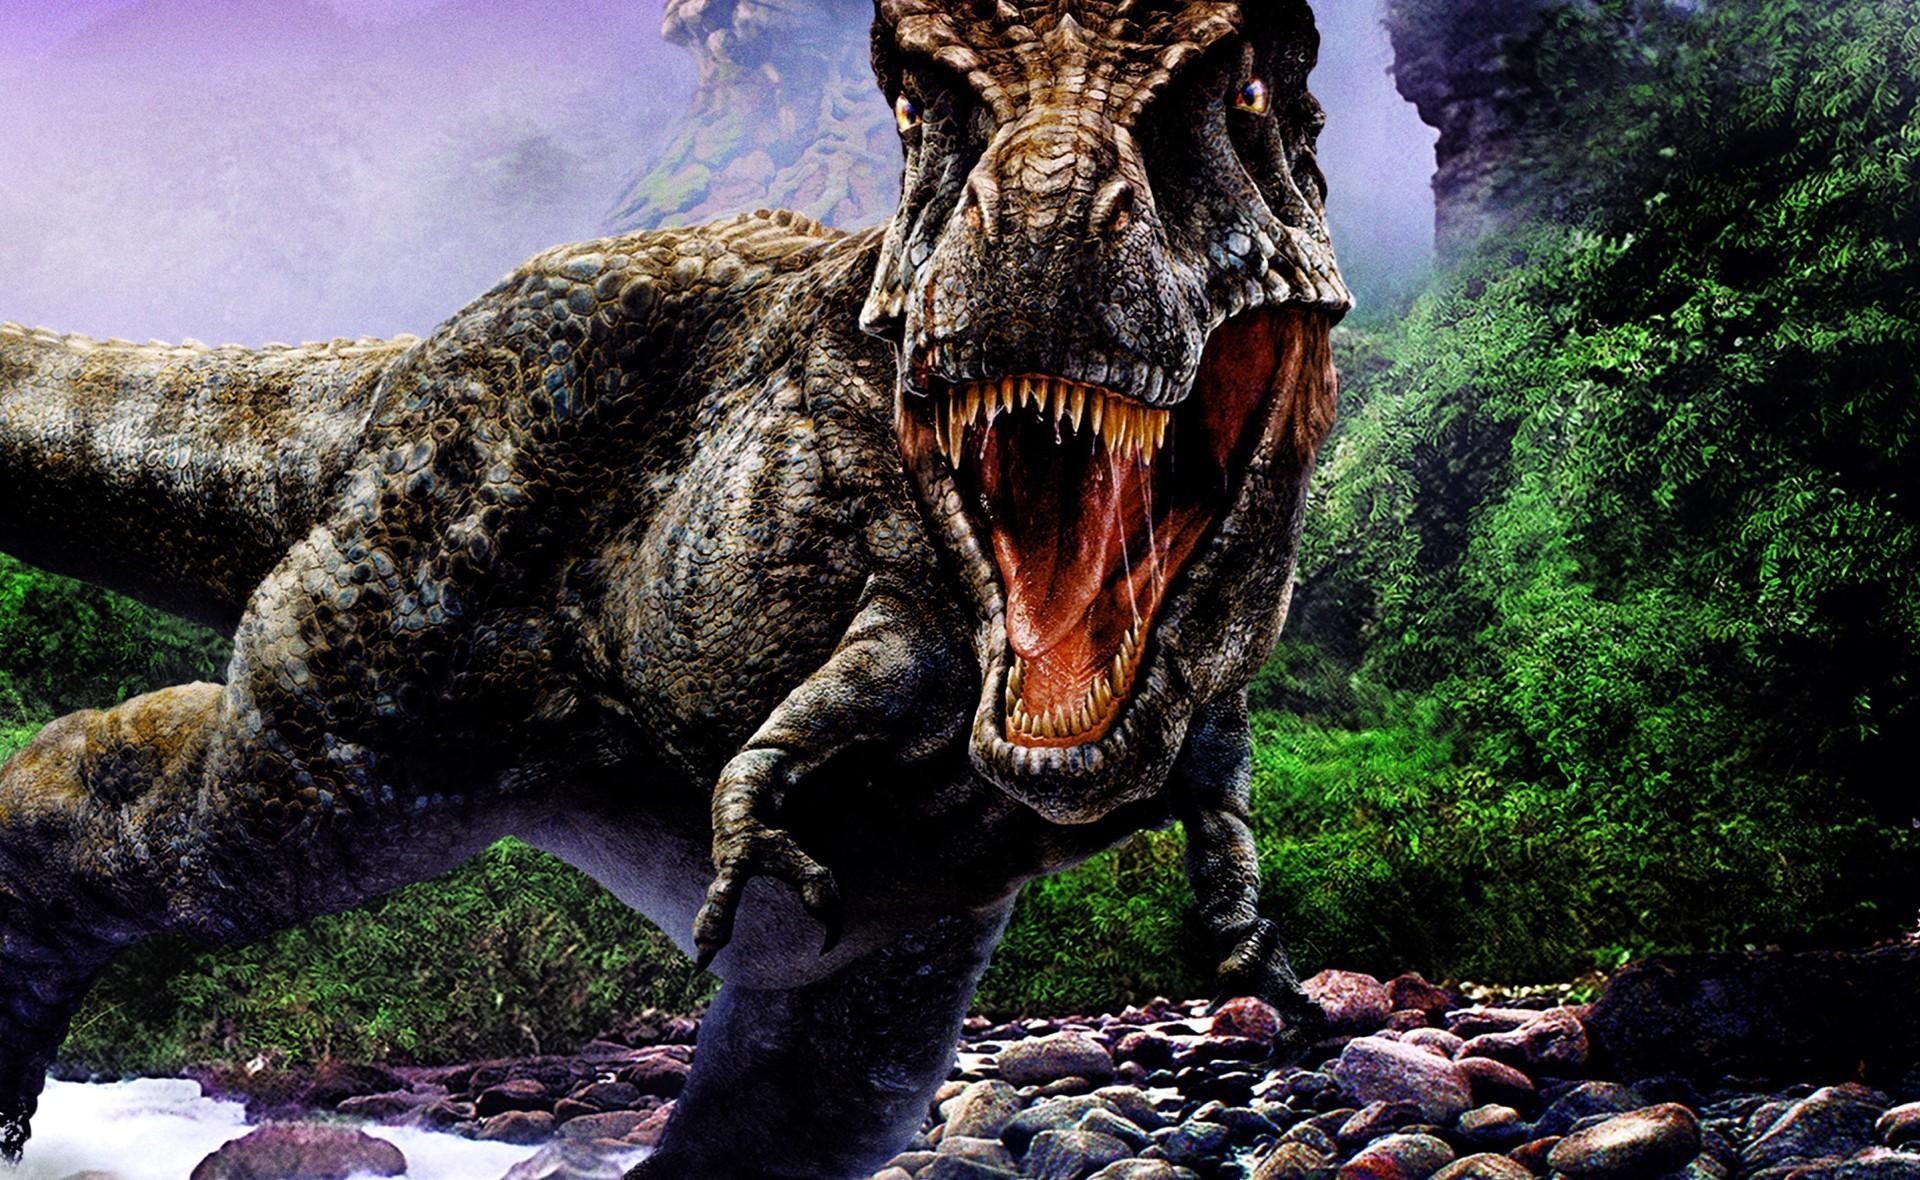 92265 скачать обои Фэнтези, Динозавр, Деревья, Камни, Агрессия, Пасть - заставки и картинки бесплатно